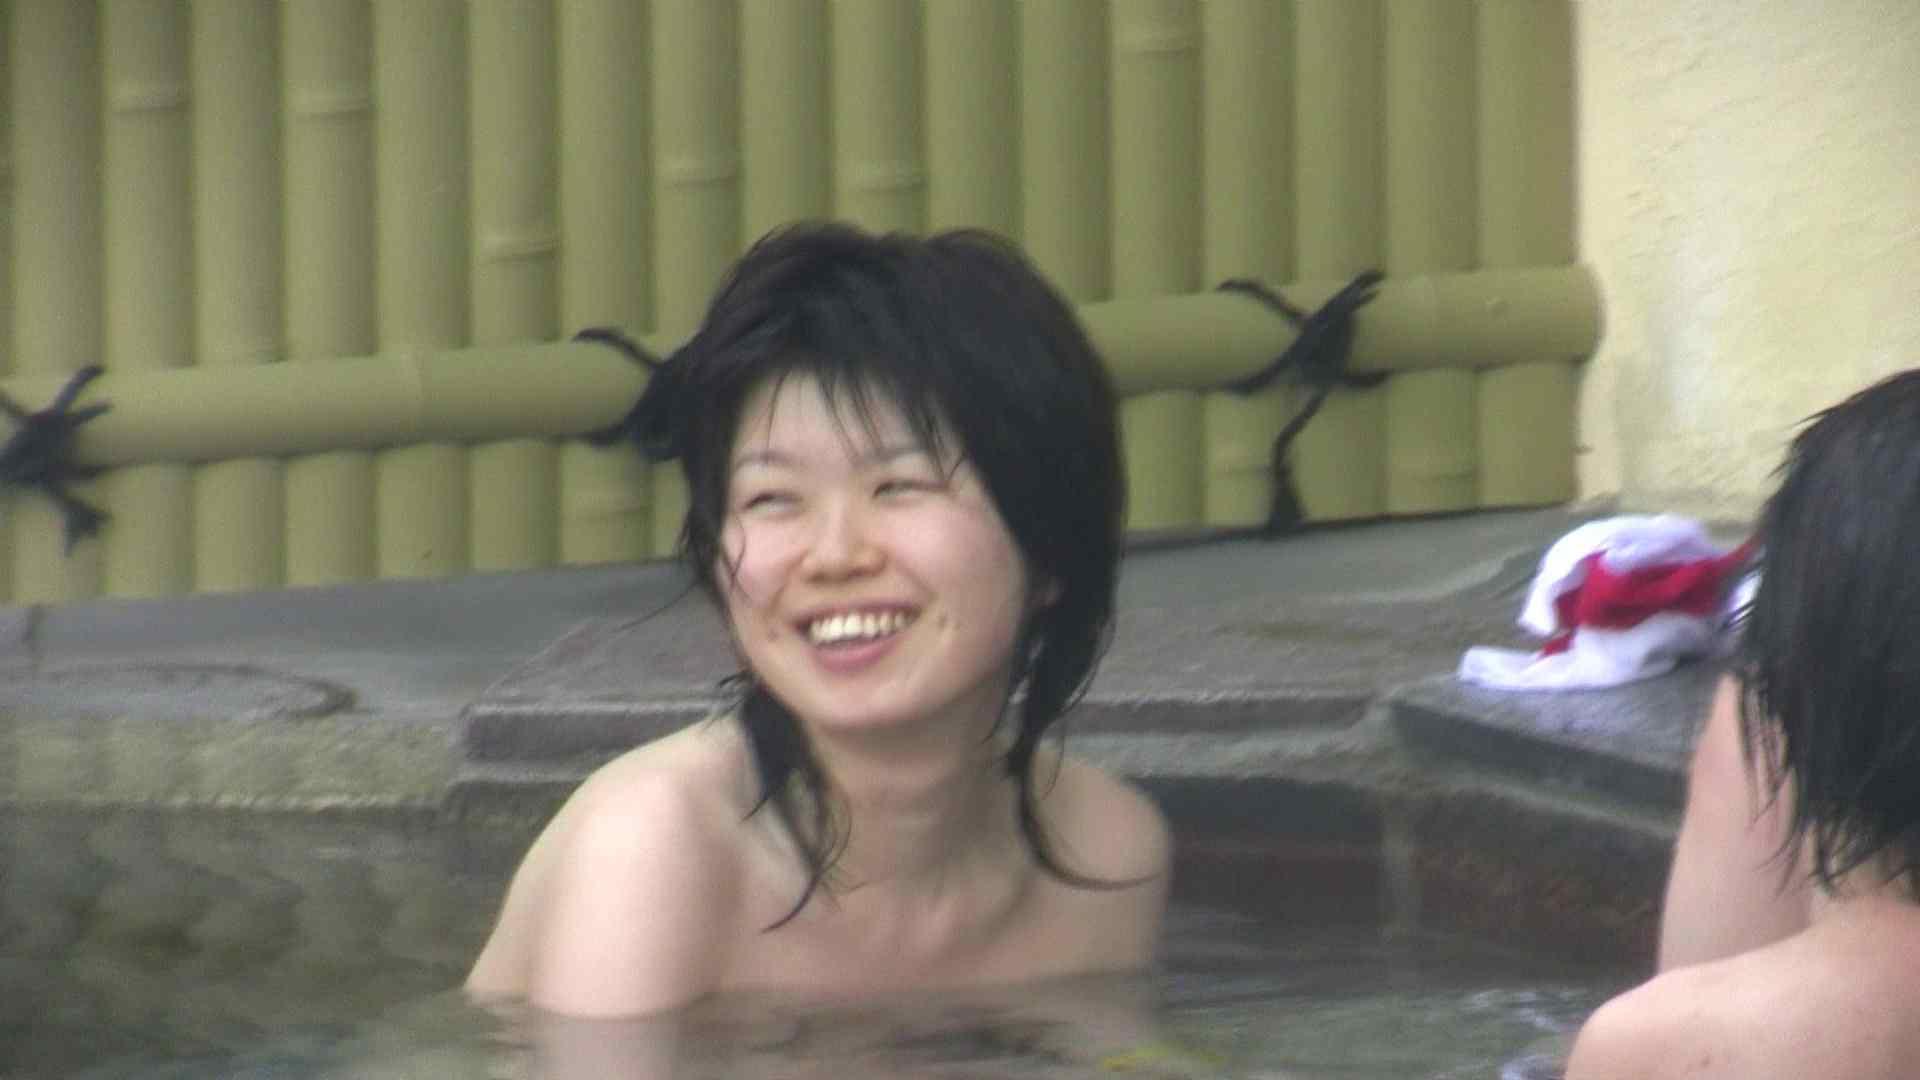 Aquaな露天風呂Vol.677 美しいOLの裸体  96pic 48